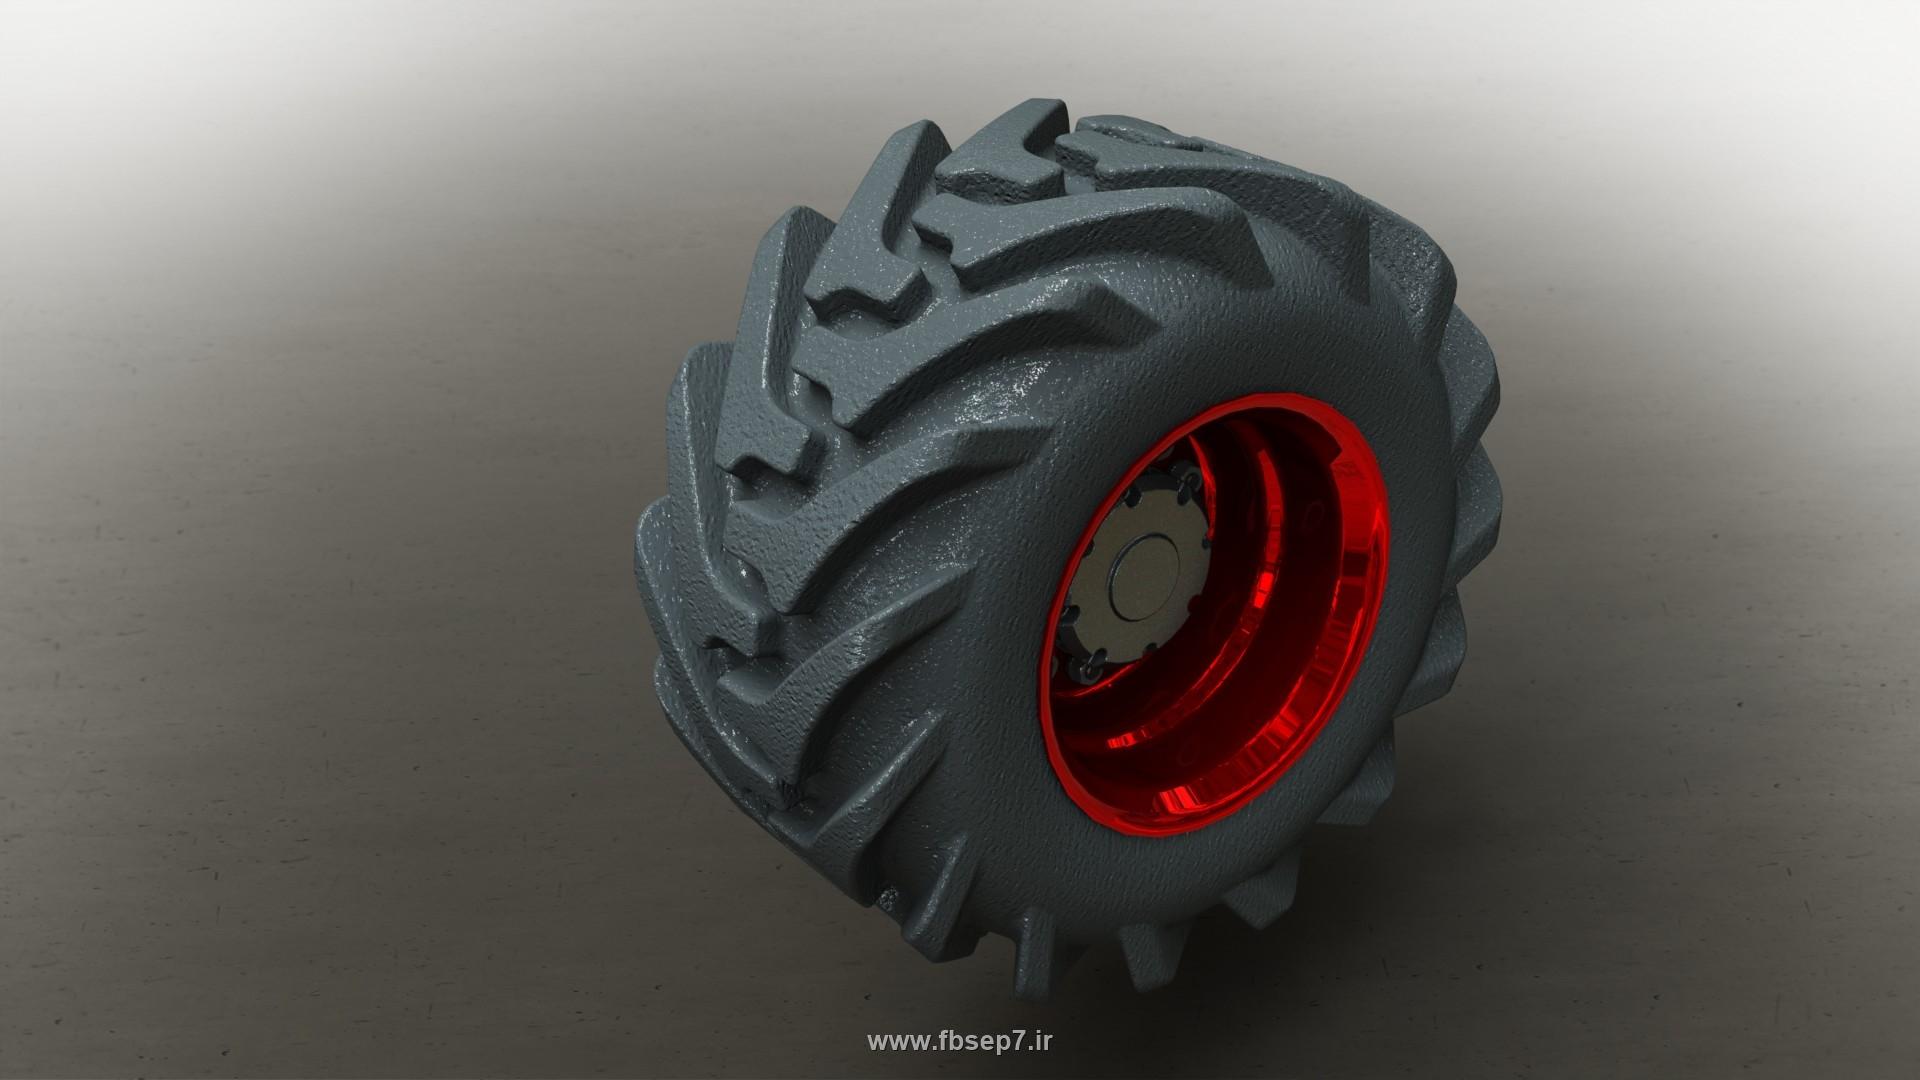 طراحی تایر تراکتور در سالیدورک